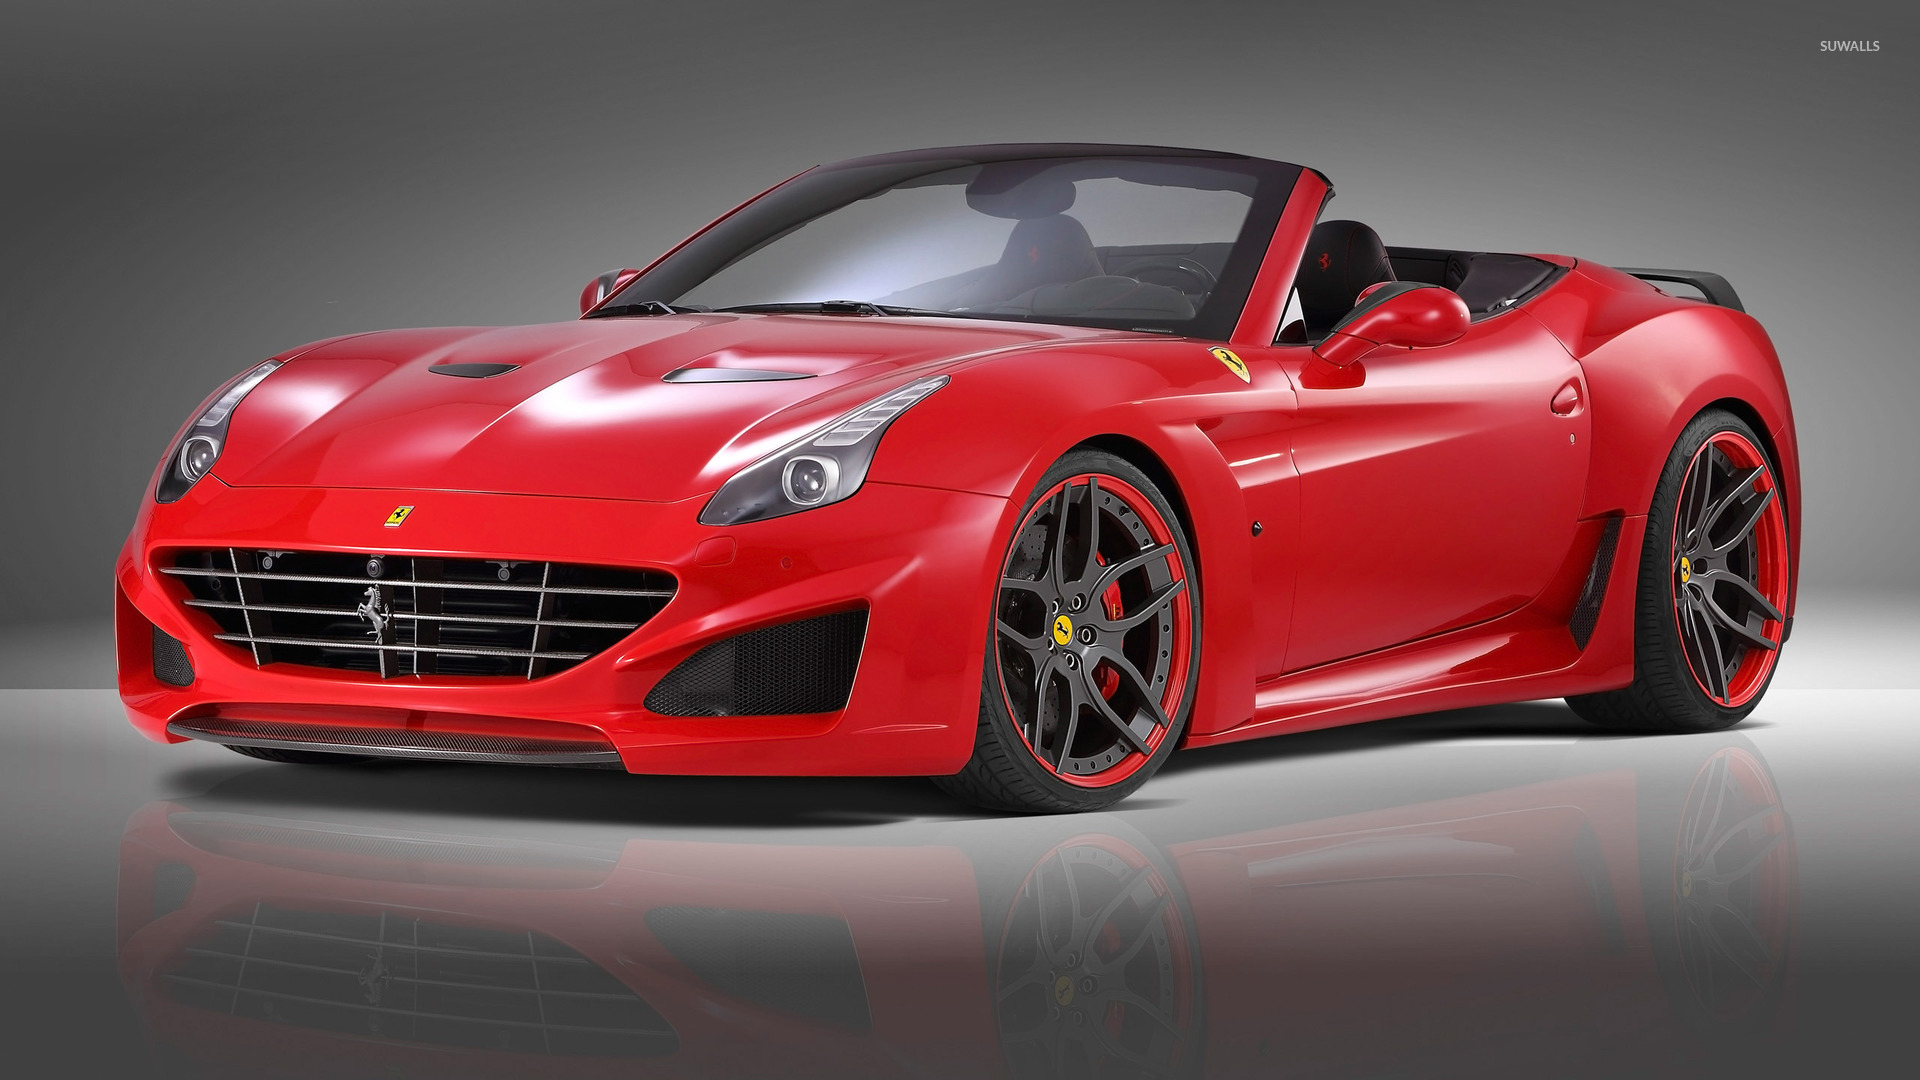 2015 Novitec Rosso Ferrari California front side view ...